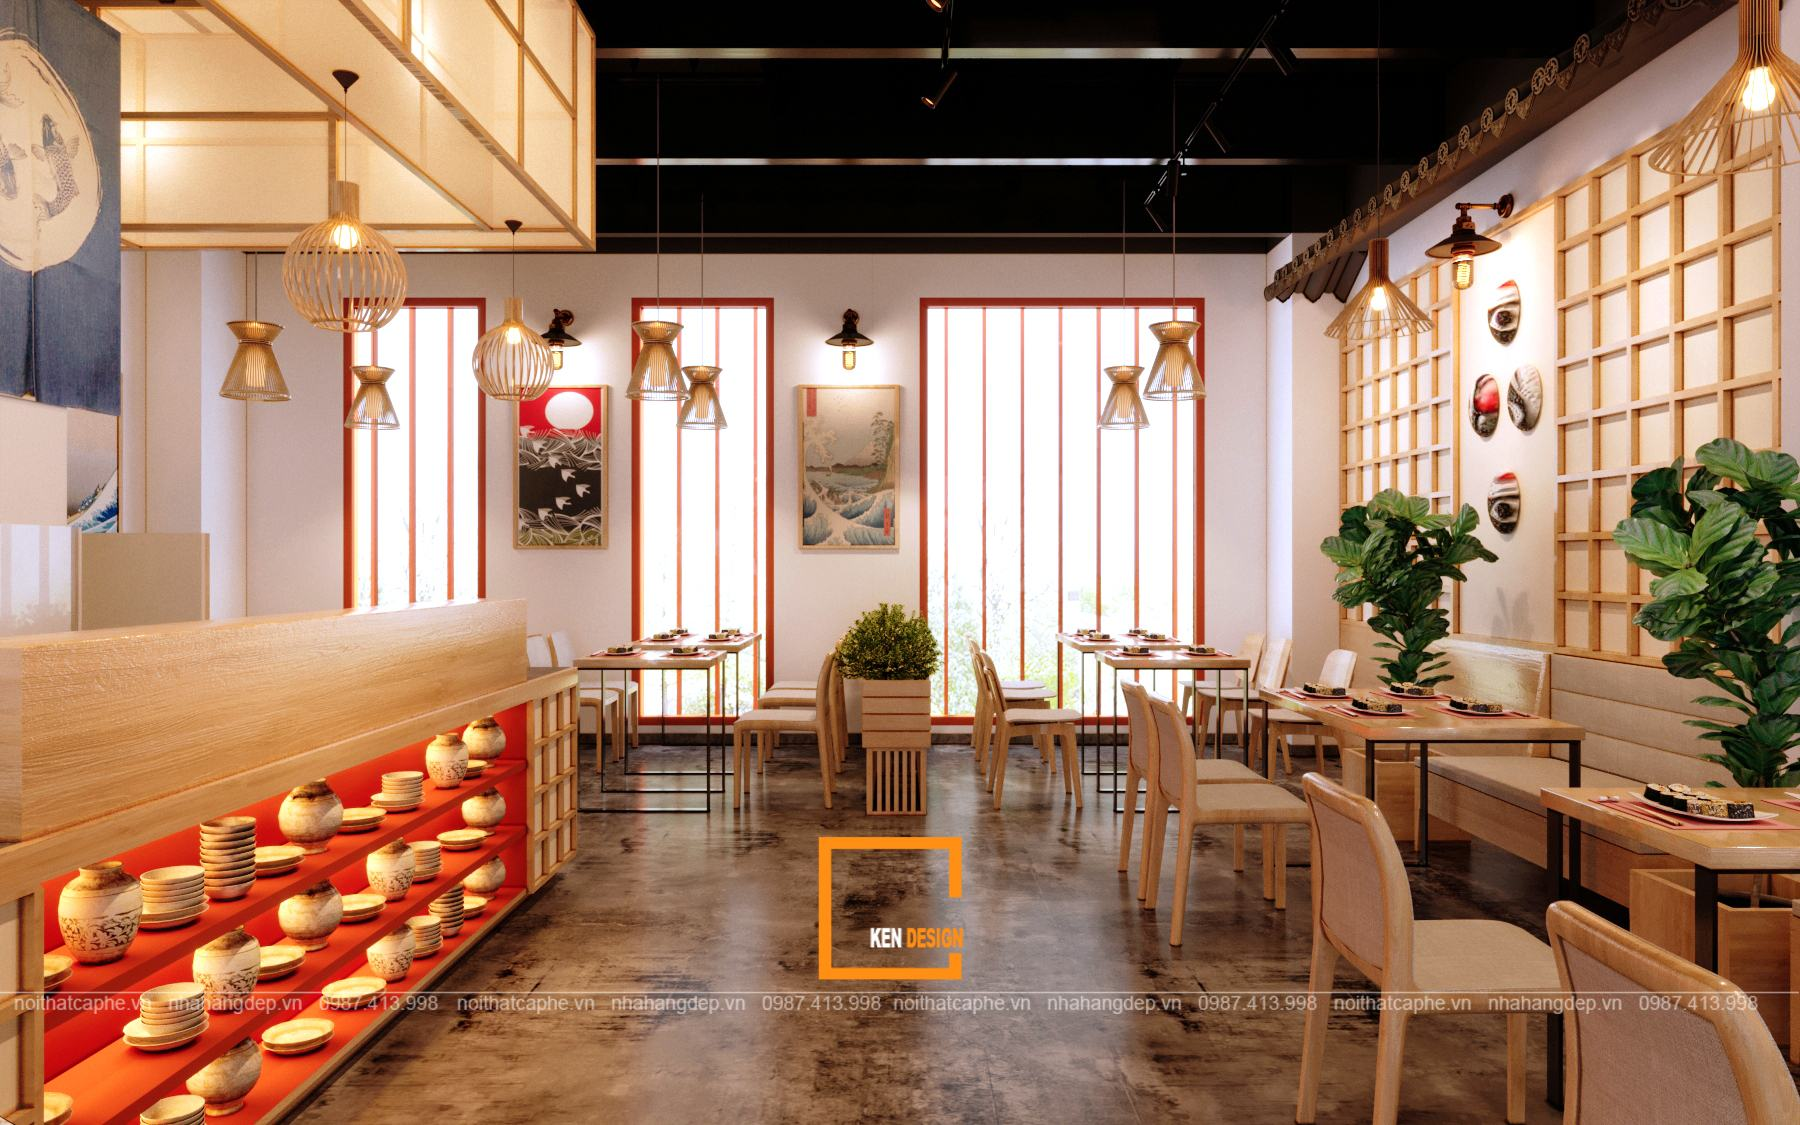 Gợi ý thiết kế nhà hàng Nhật Bản đẹp và ấn tượng | Kendesign